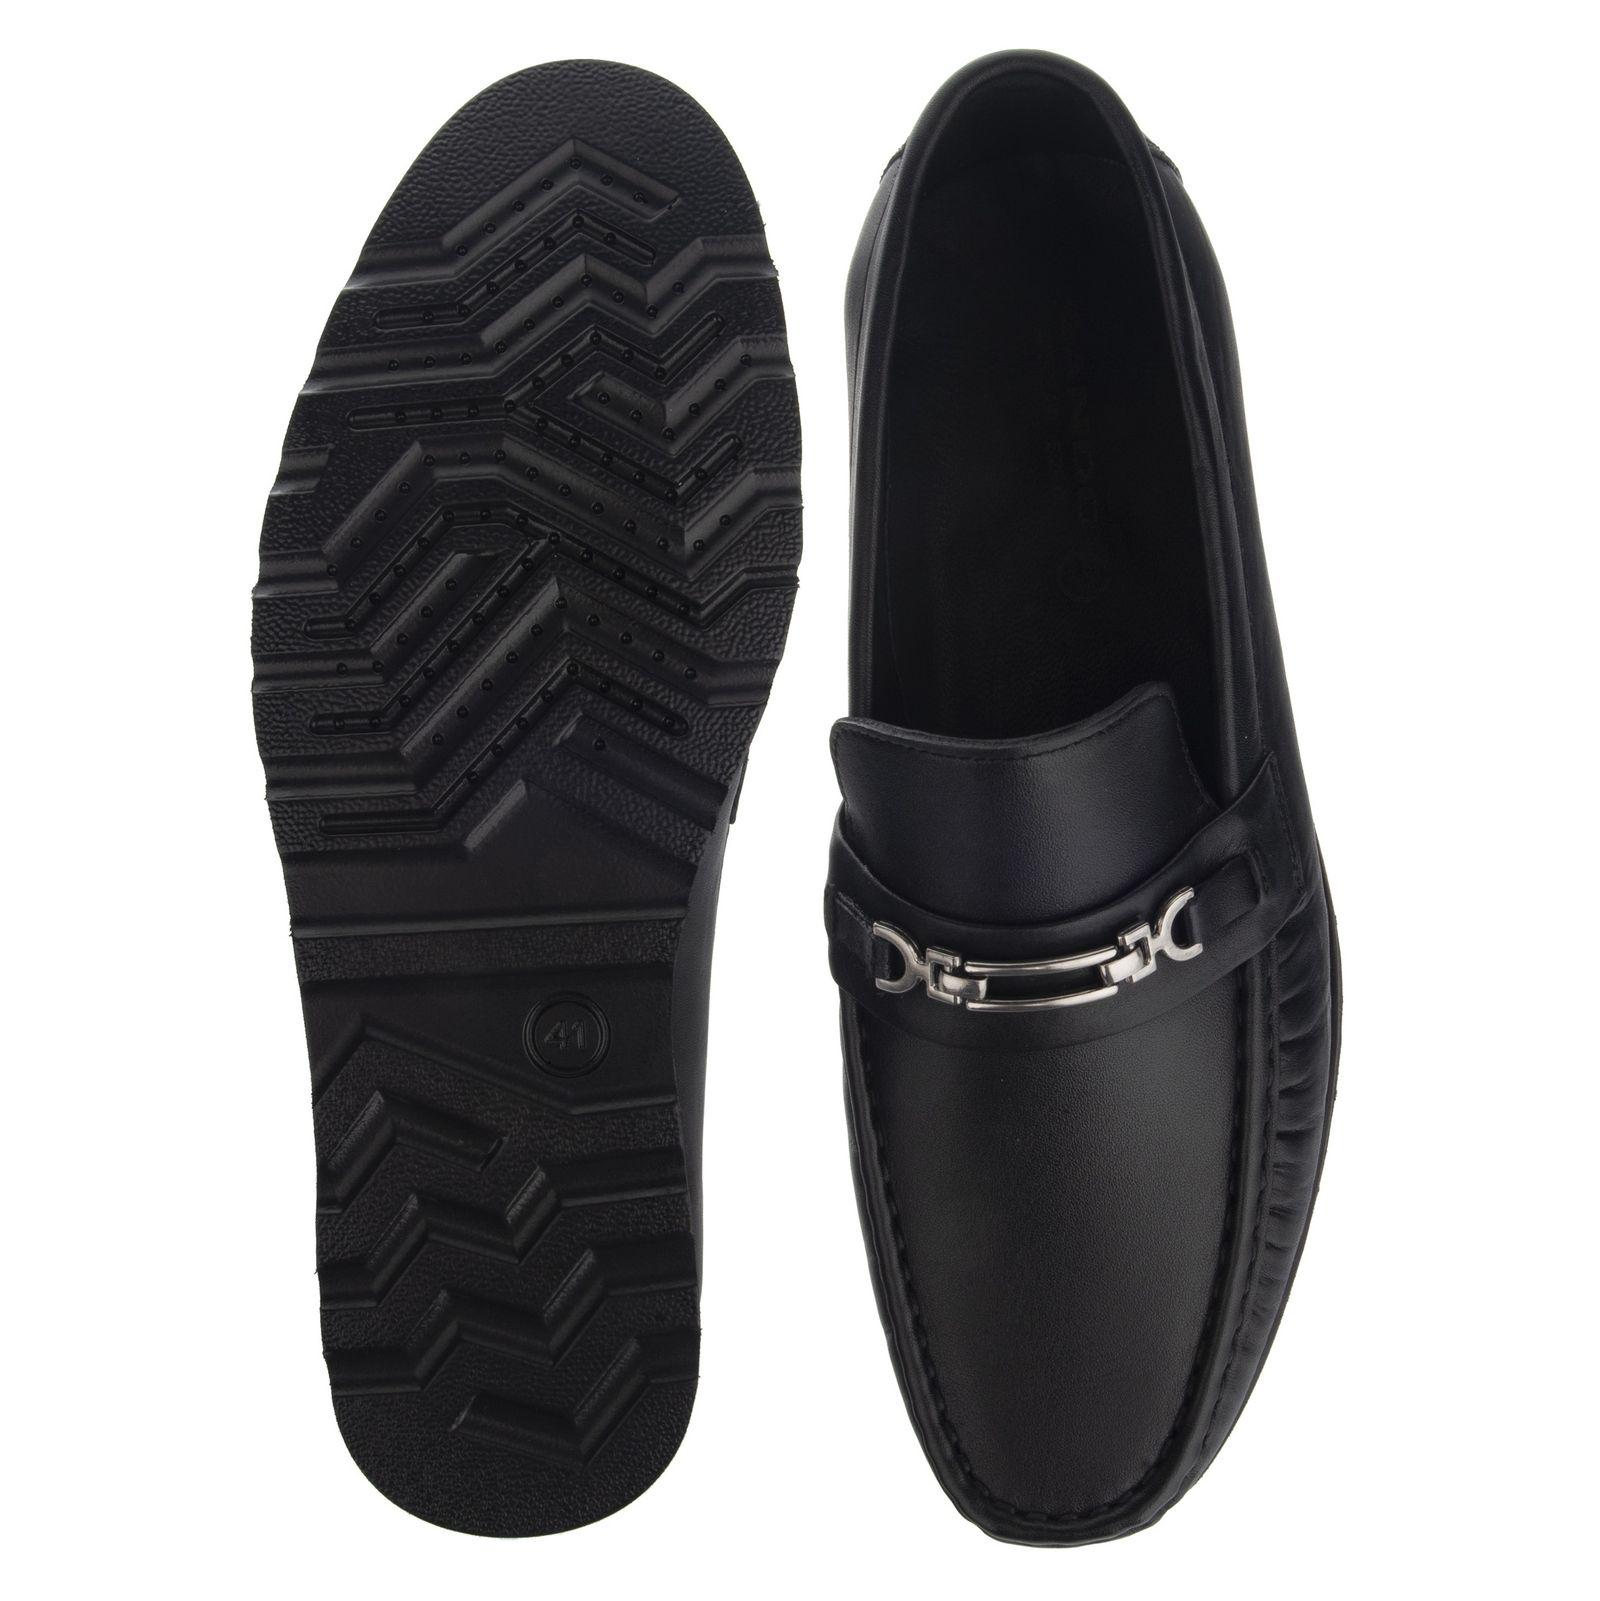 کفش مردانه گاندو مدل 711-99 - مشکی - 4